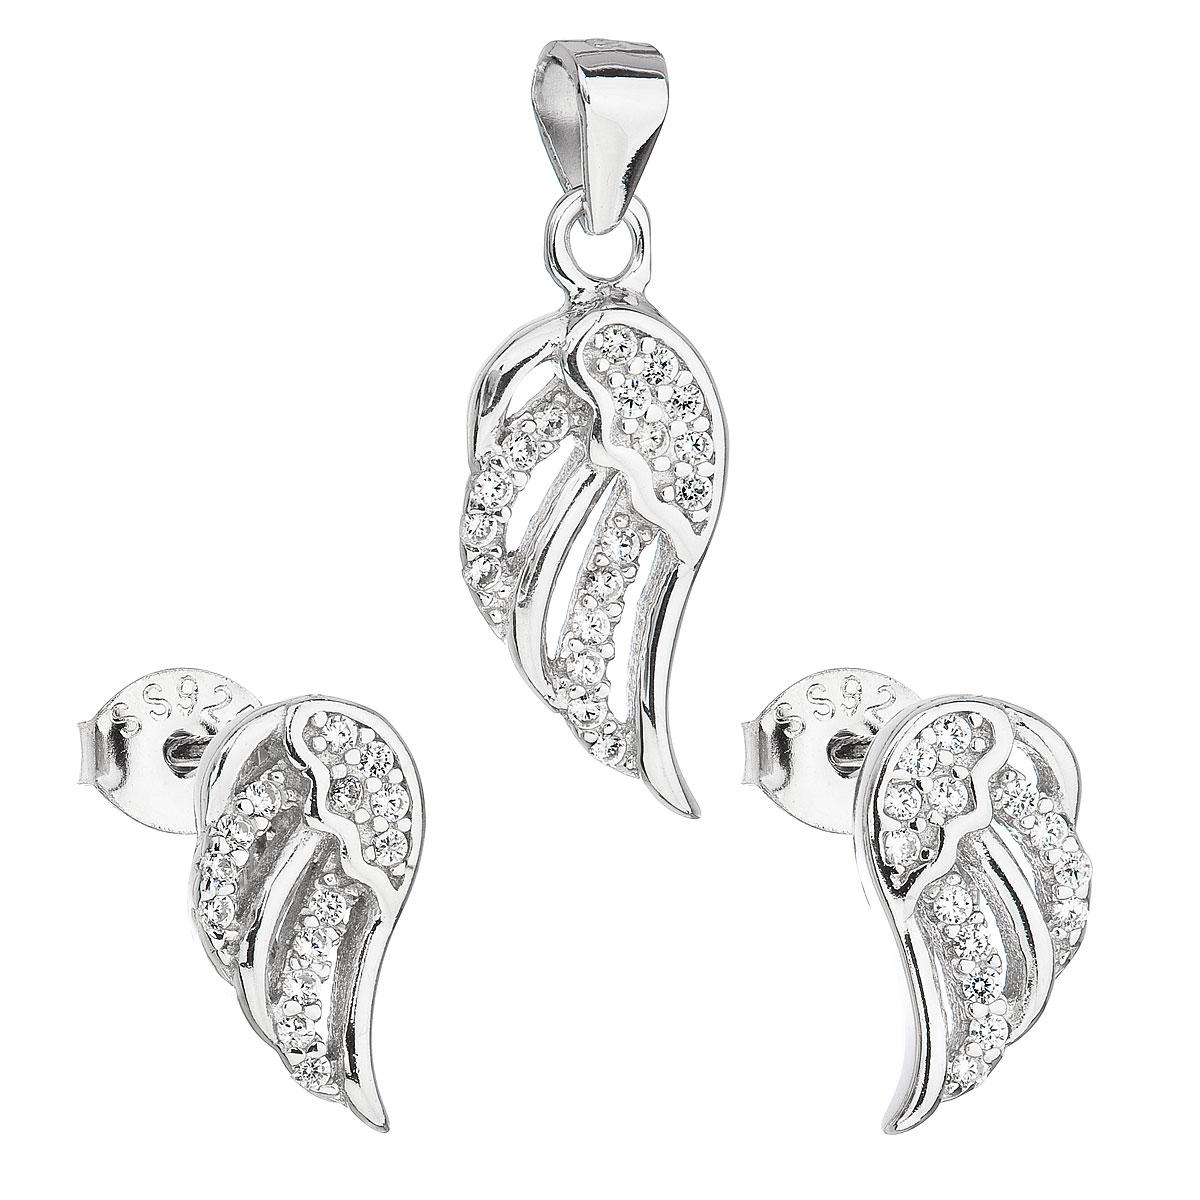 Evolution Group Sada šperků se zirkonem v bílé barvě náušnice a přívěsek 19008.1